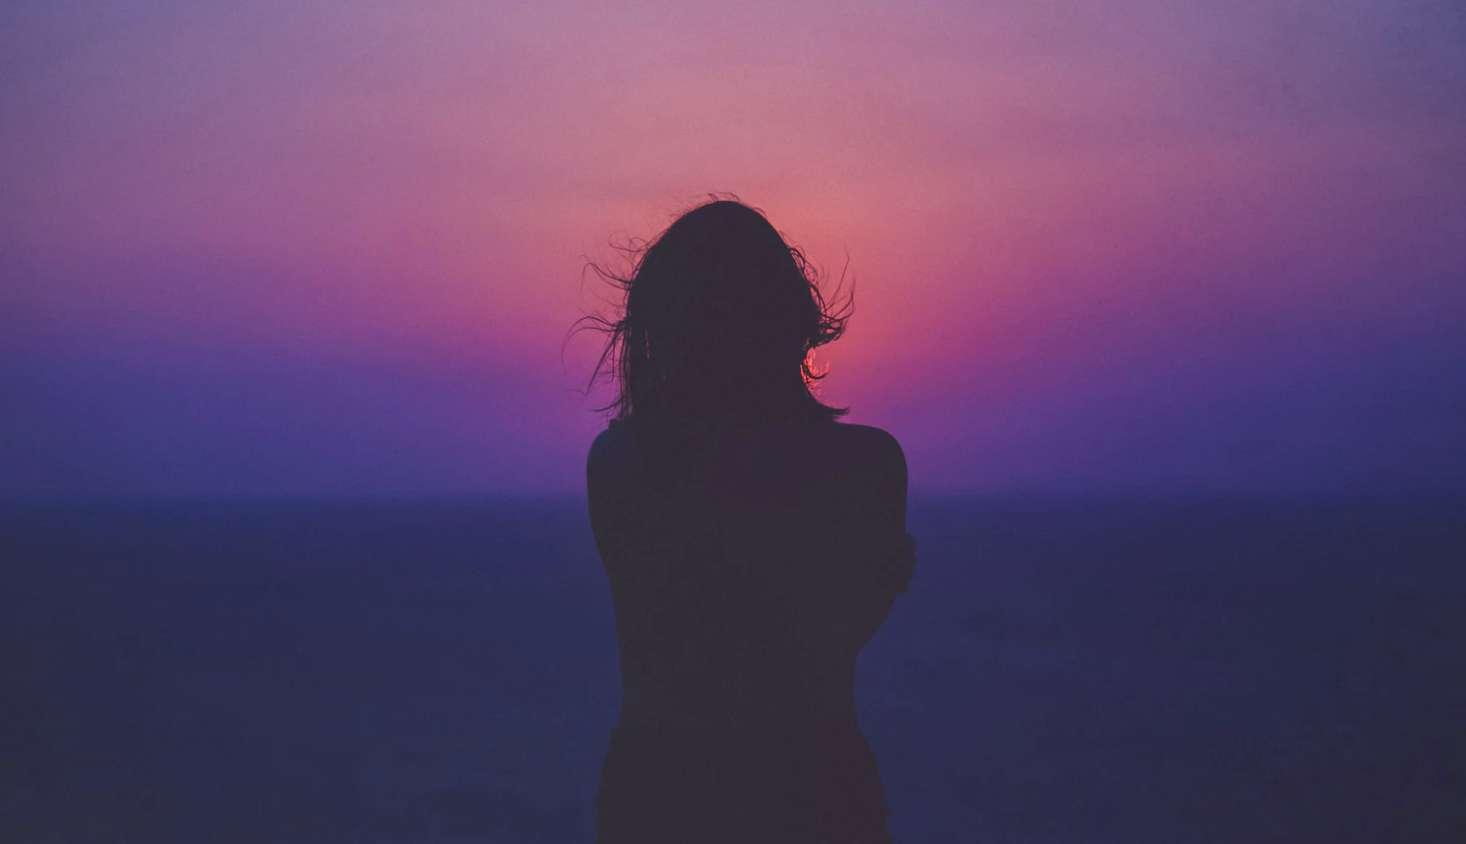 Kesepian Pertanda Kebahagiaanmu Mulai Menurun